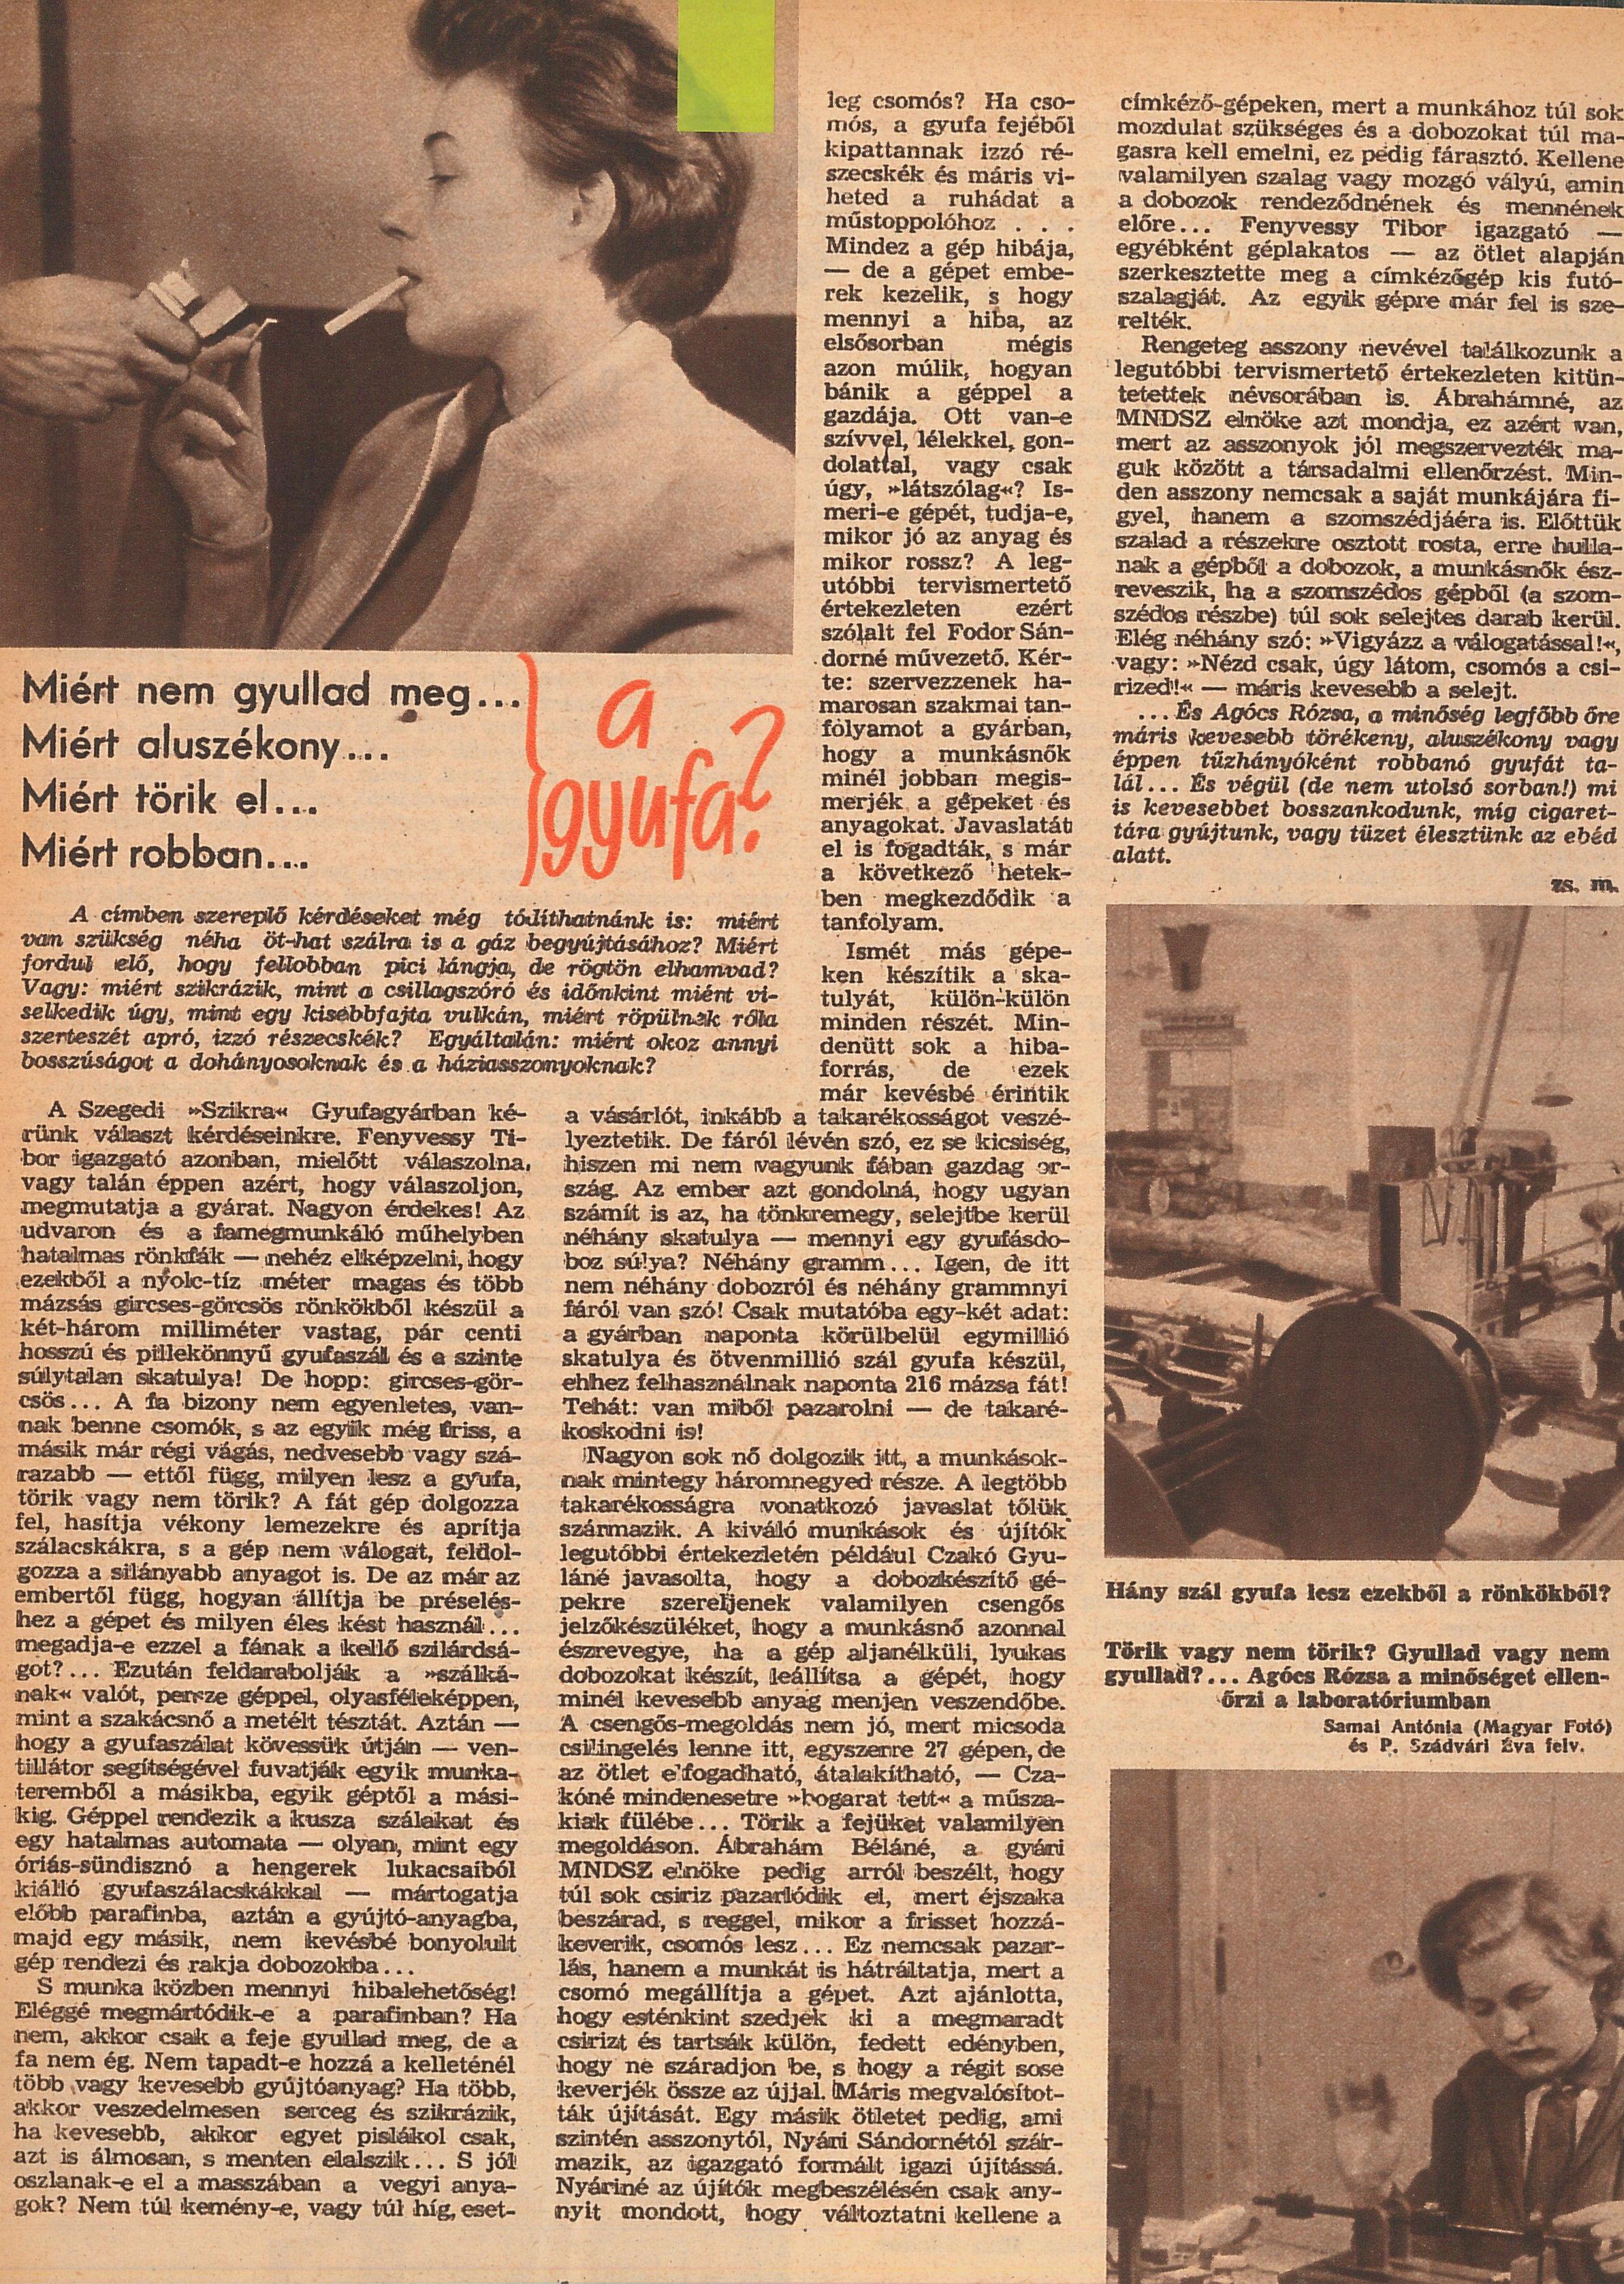 Kokainbáró, fogyitippek, 75 éves telefonközpont - ezek voltak a hírek az 1956-os forradalom előtt